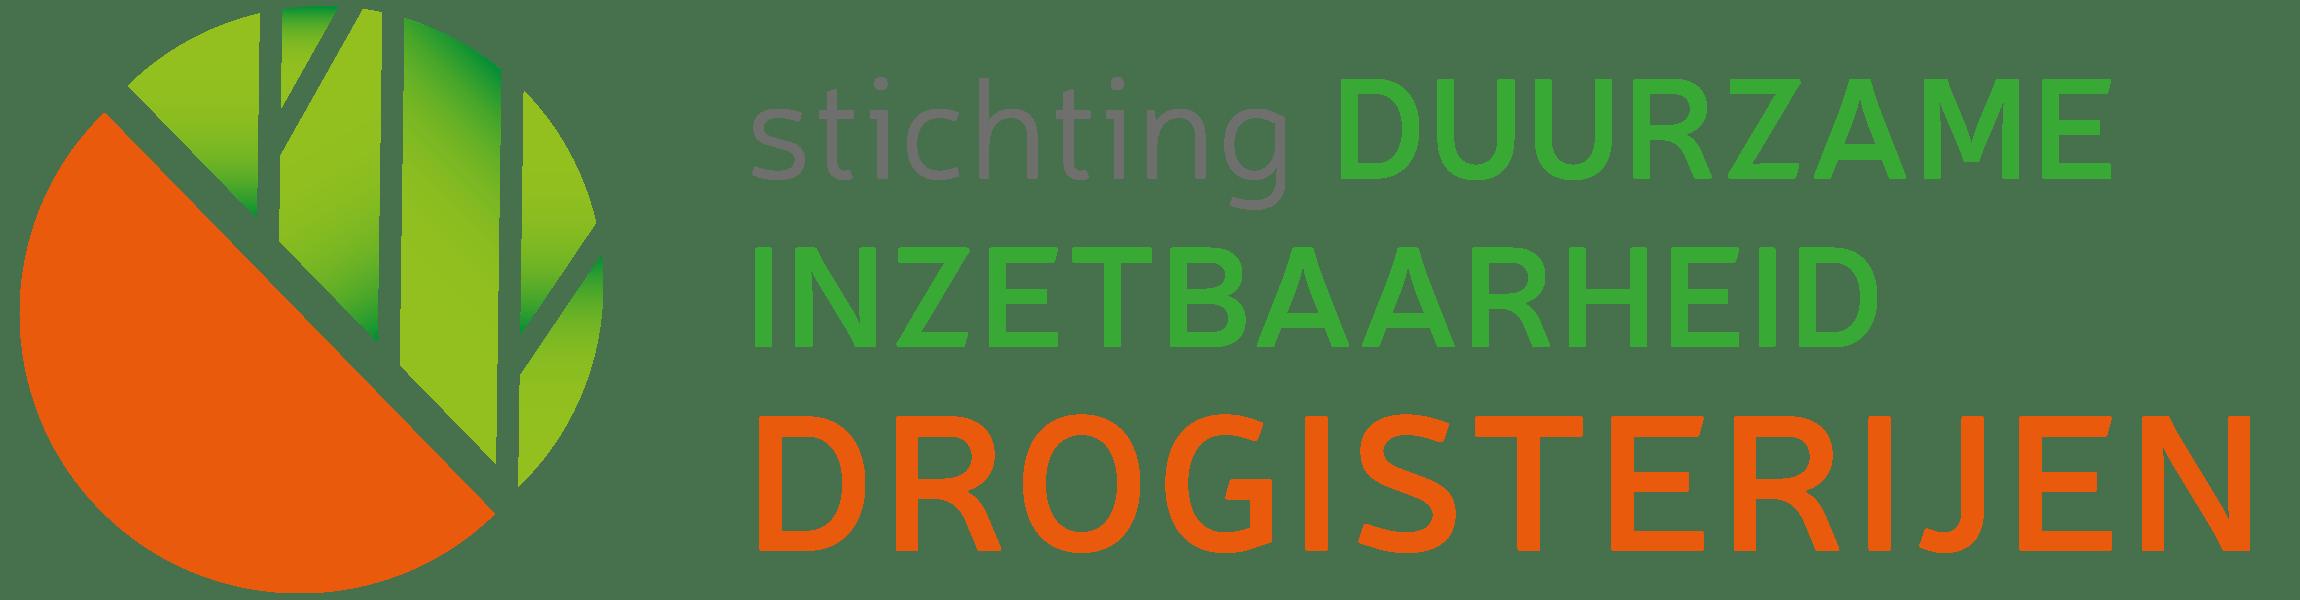 Stichting Duurzame Inzetbaarheid Drogisterijen